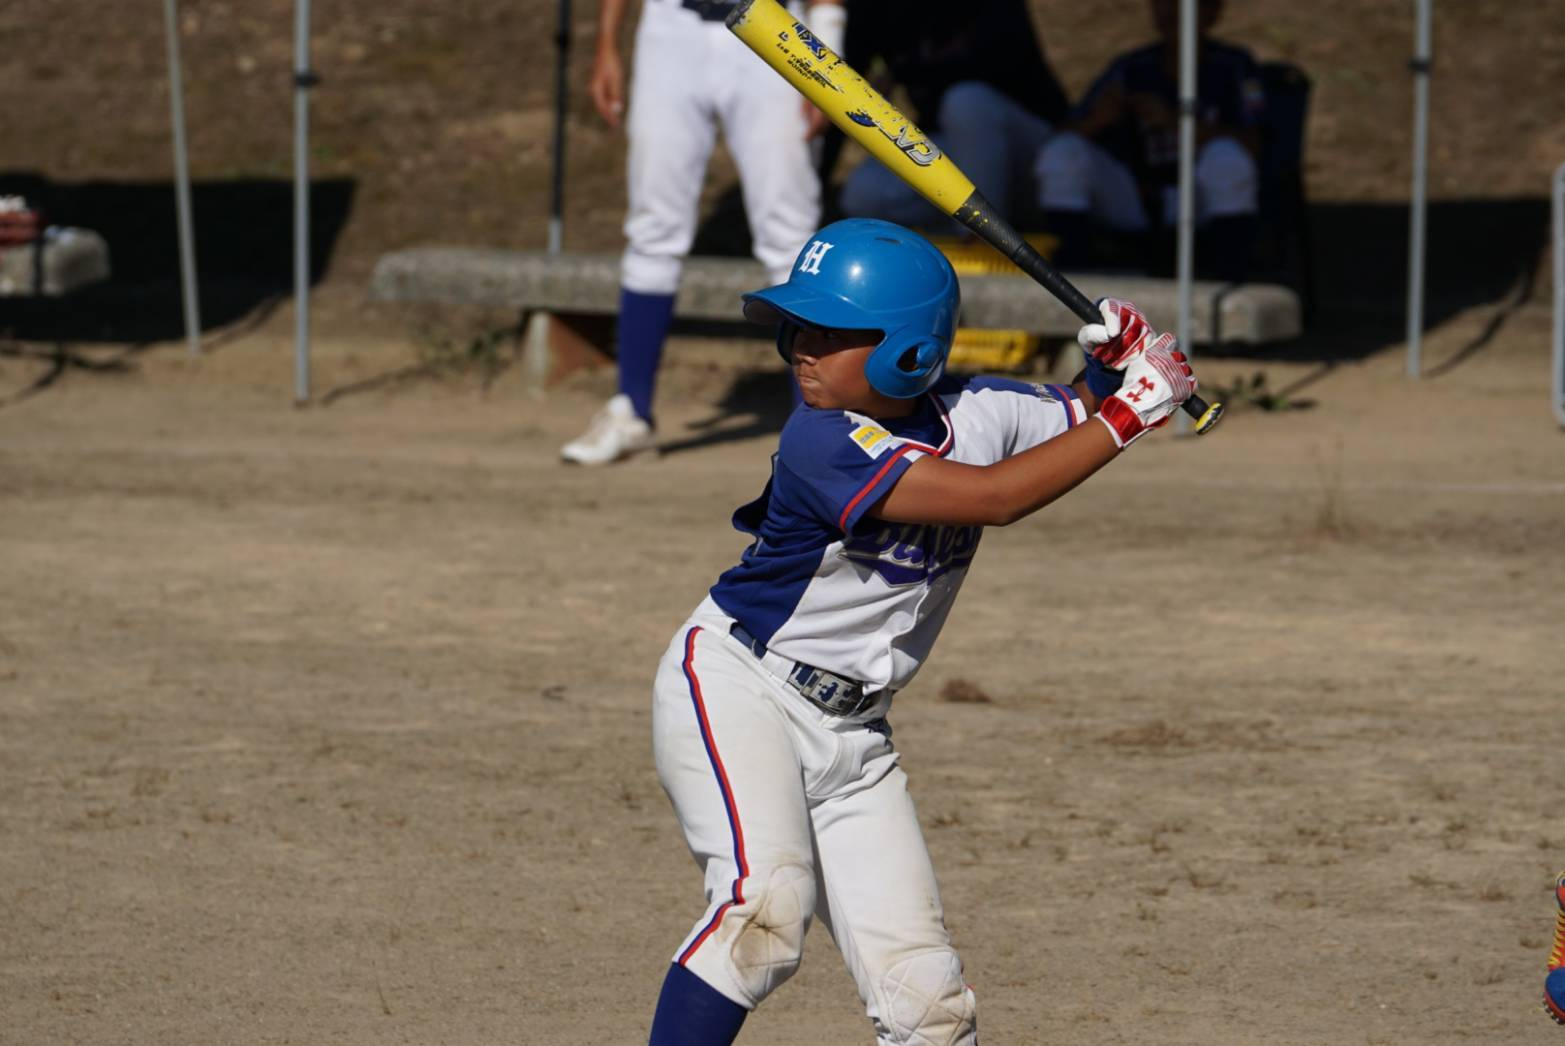 関原まつり 小学生野球大会 優勝しましたぁー!(^^)_b0095176_17270120.jpeg